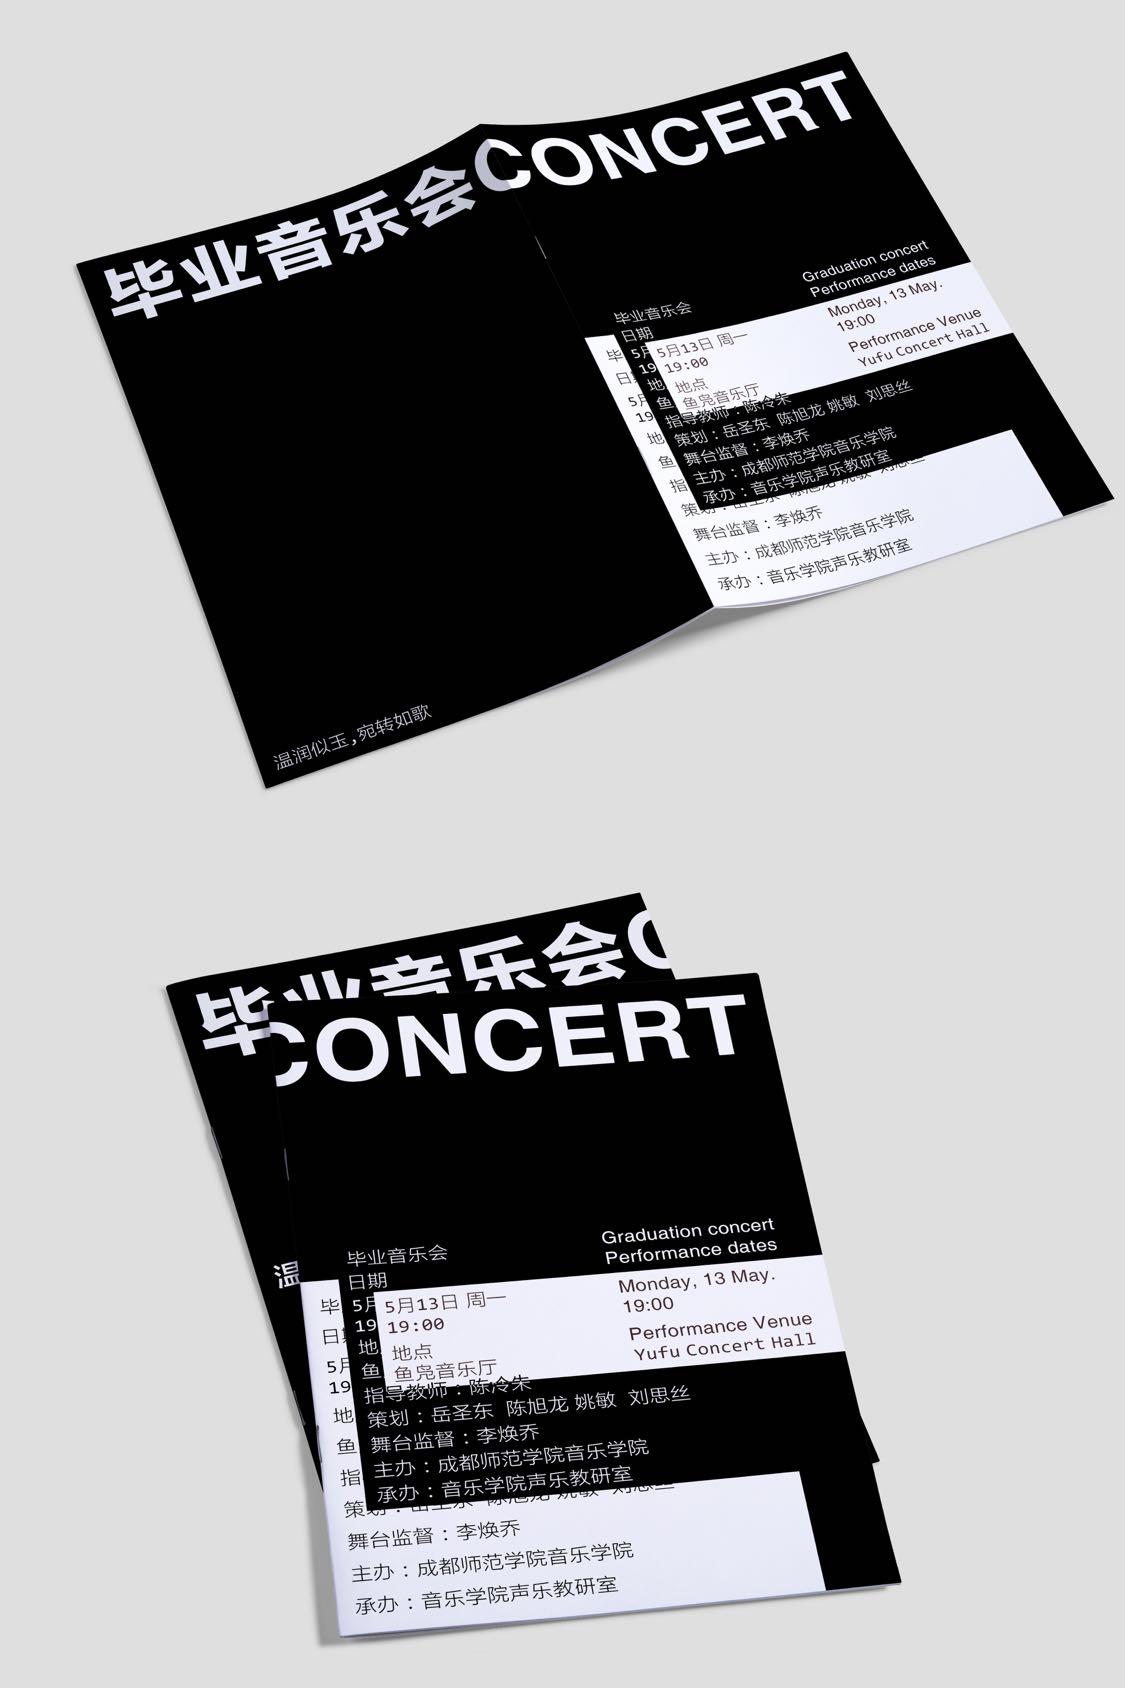 音乐会节目单